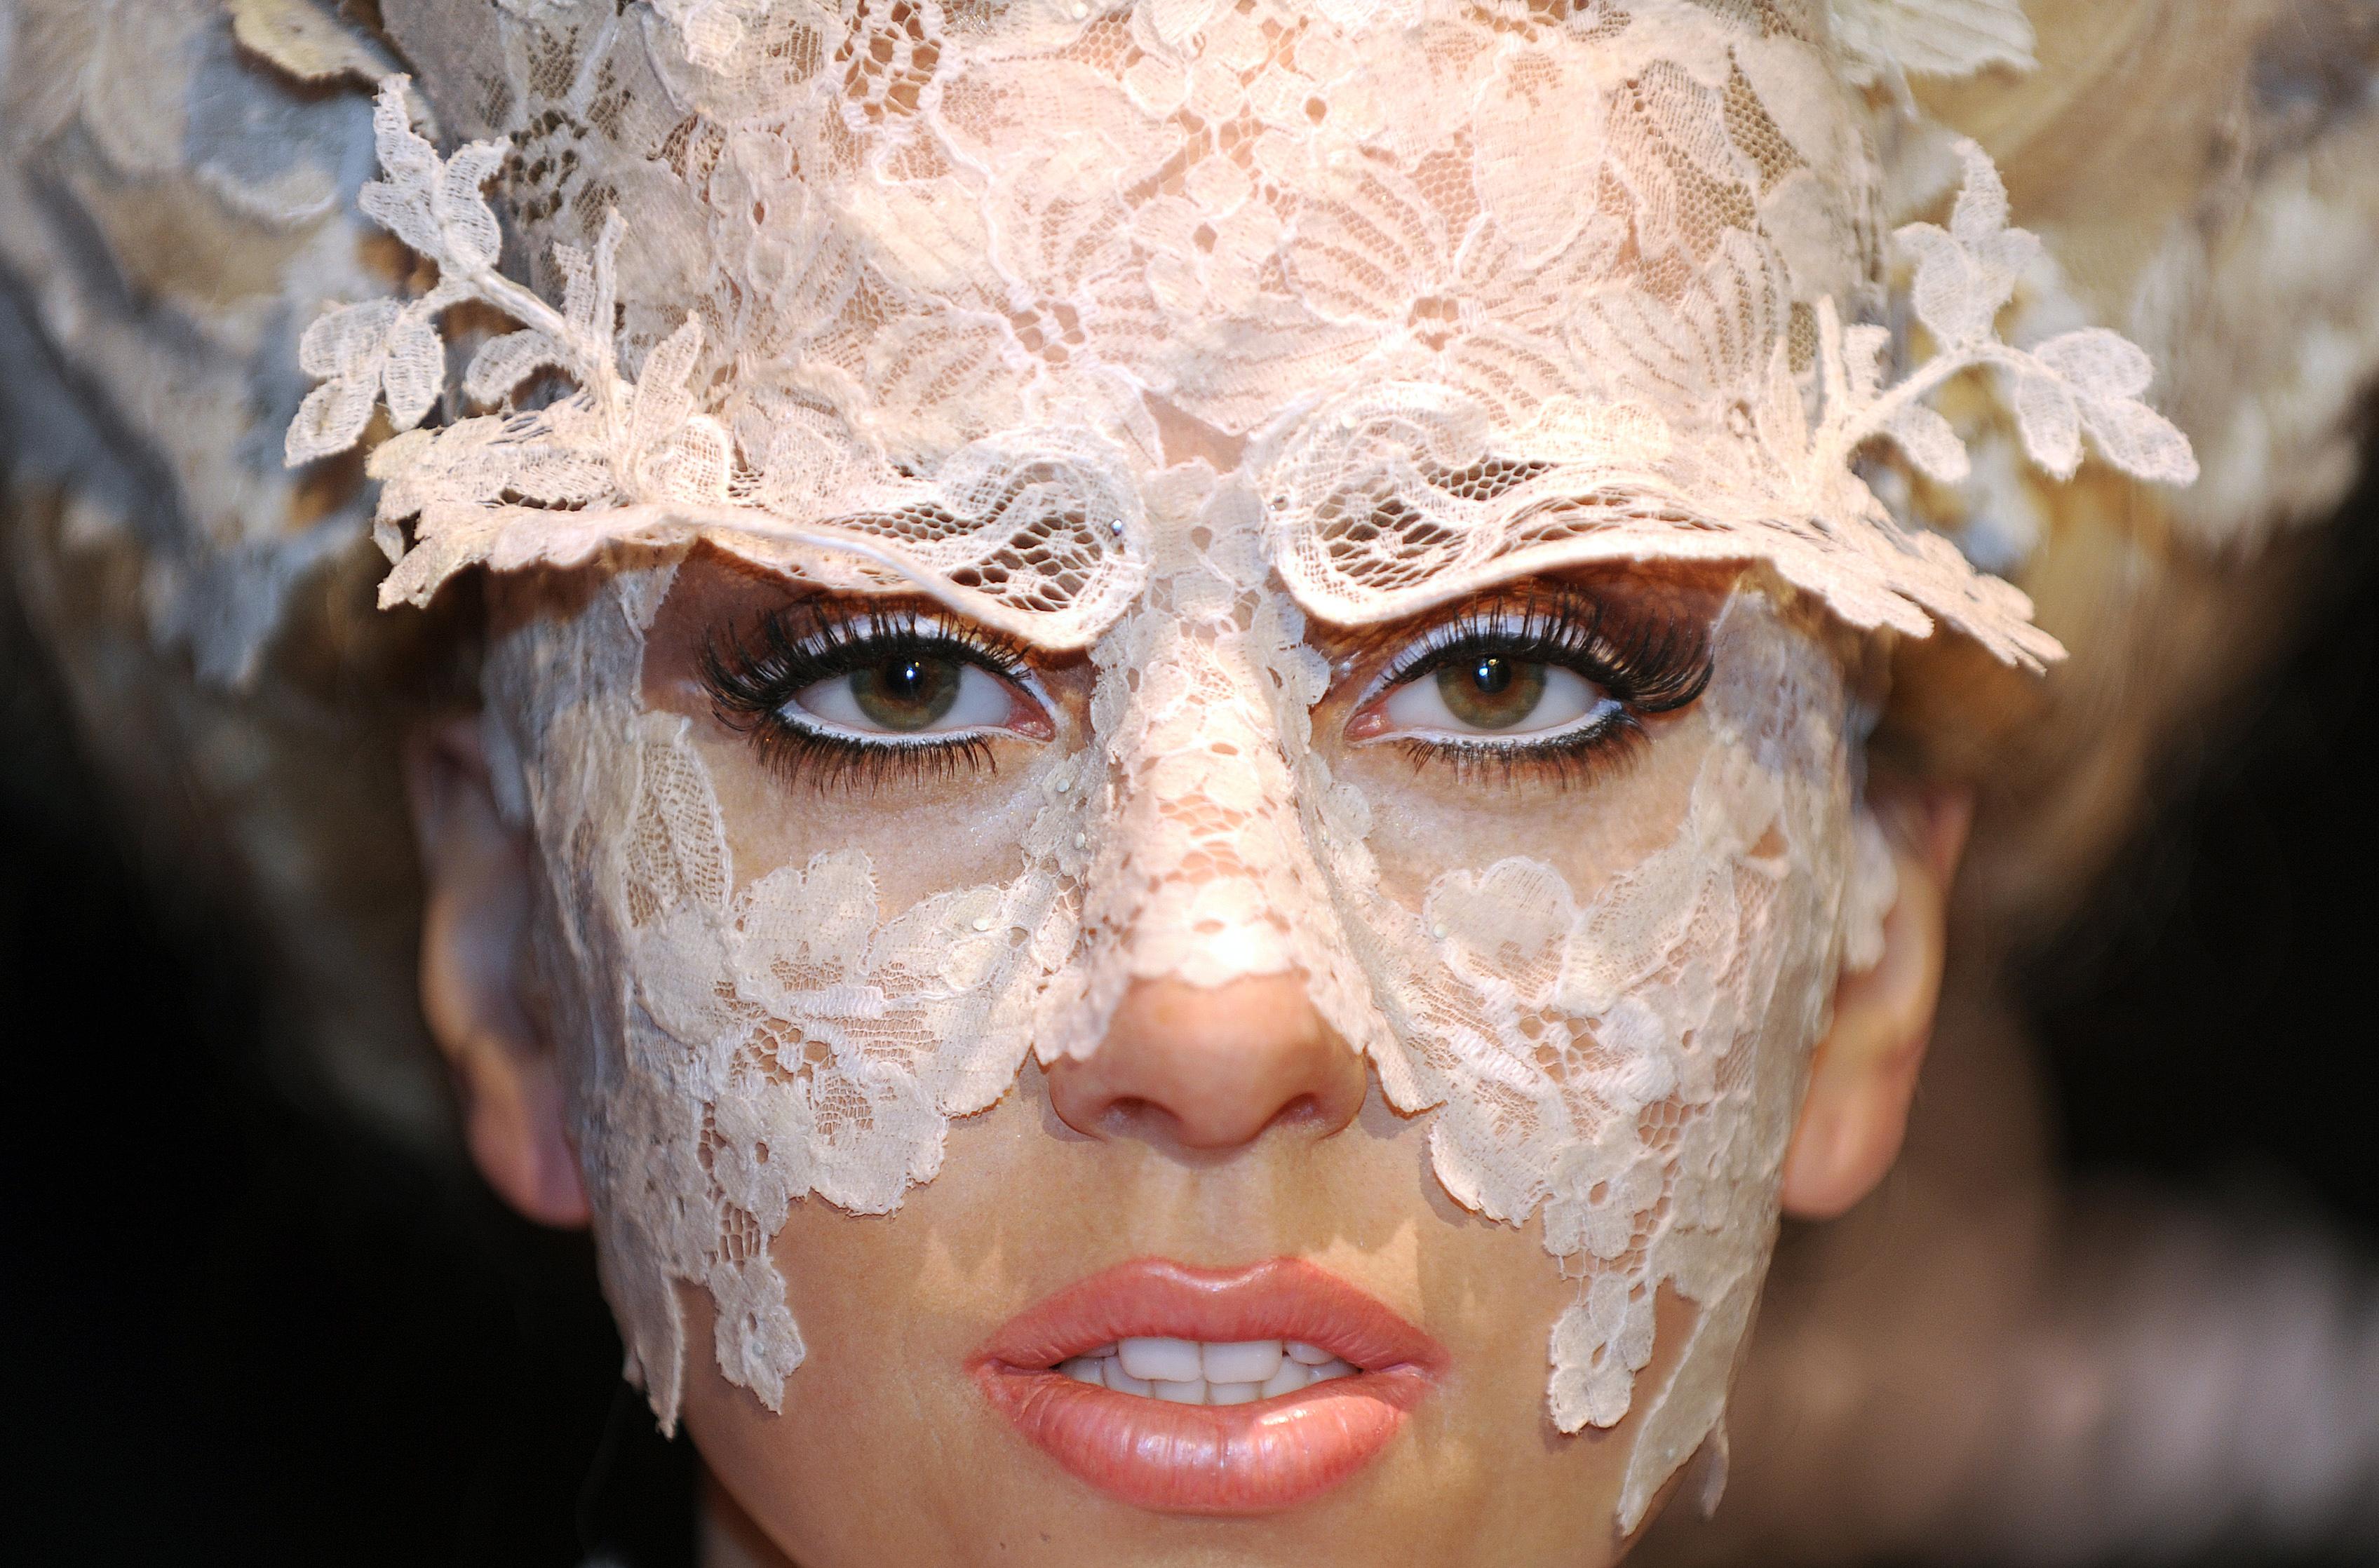 http://www.theplace2.ru/archive/lady_gaga/img/lady_gaga_by_gabriel_bouys.jpg